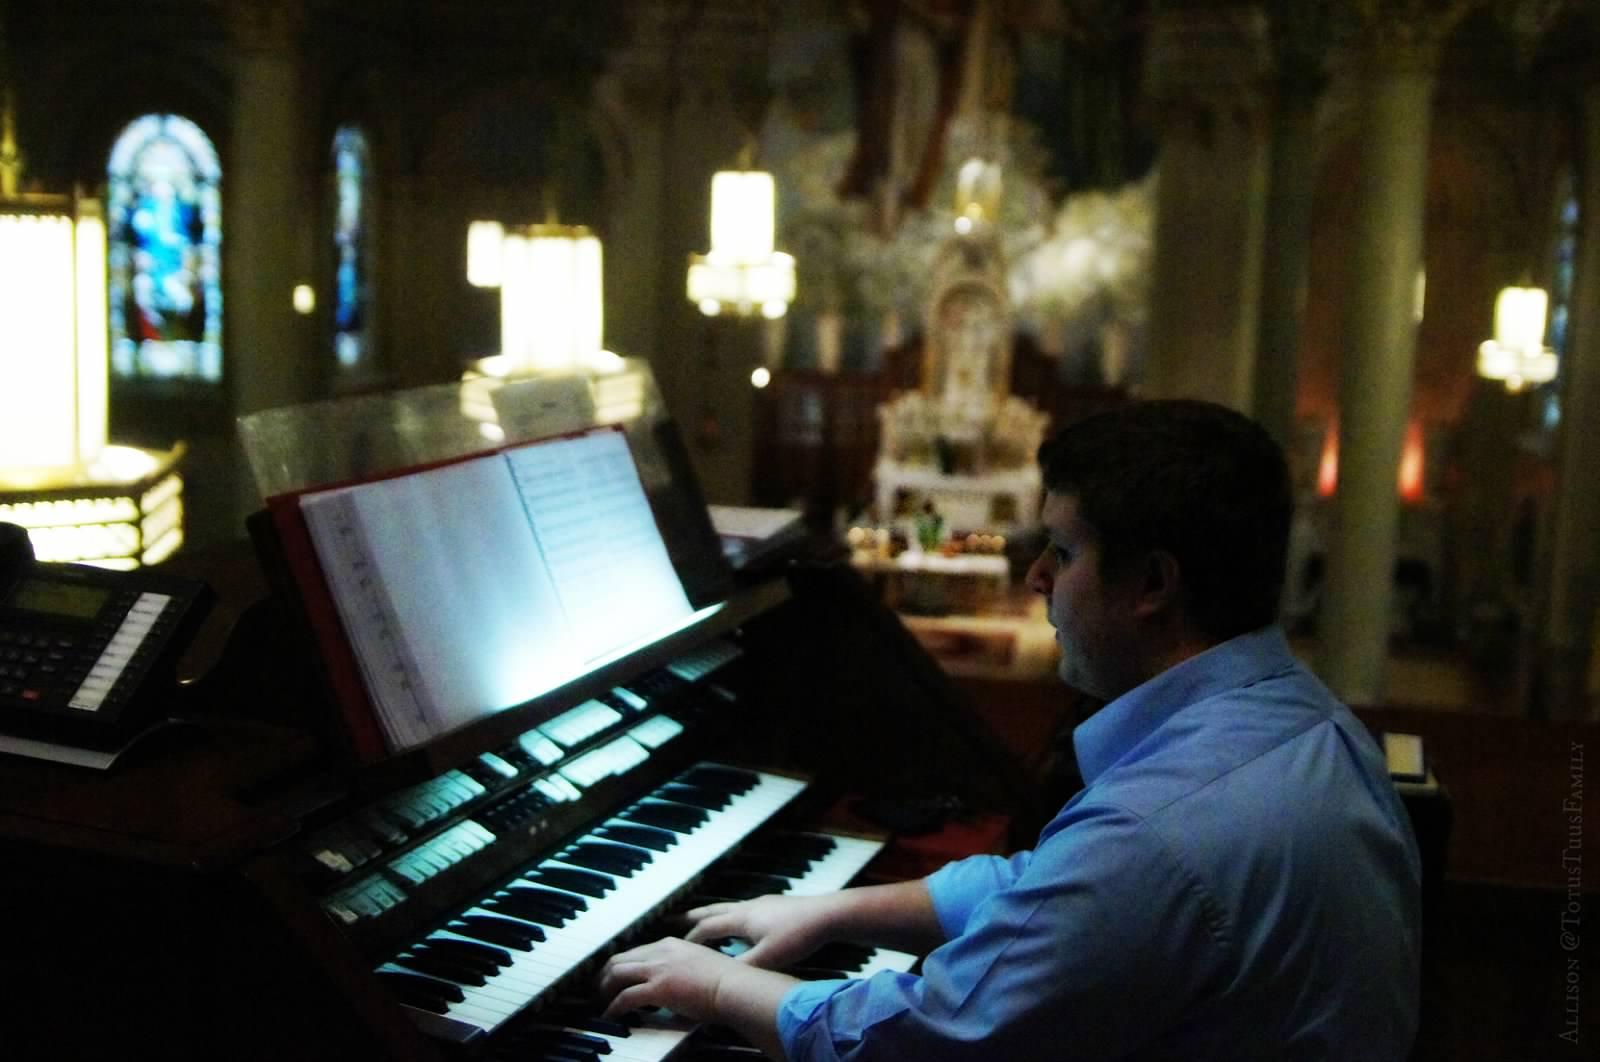 Church Choir - St. Peter Catholic Church